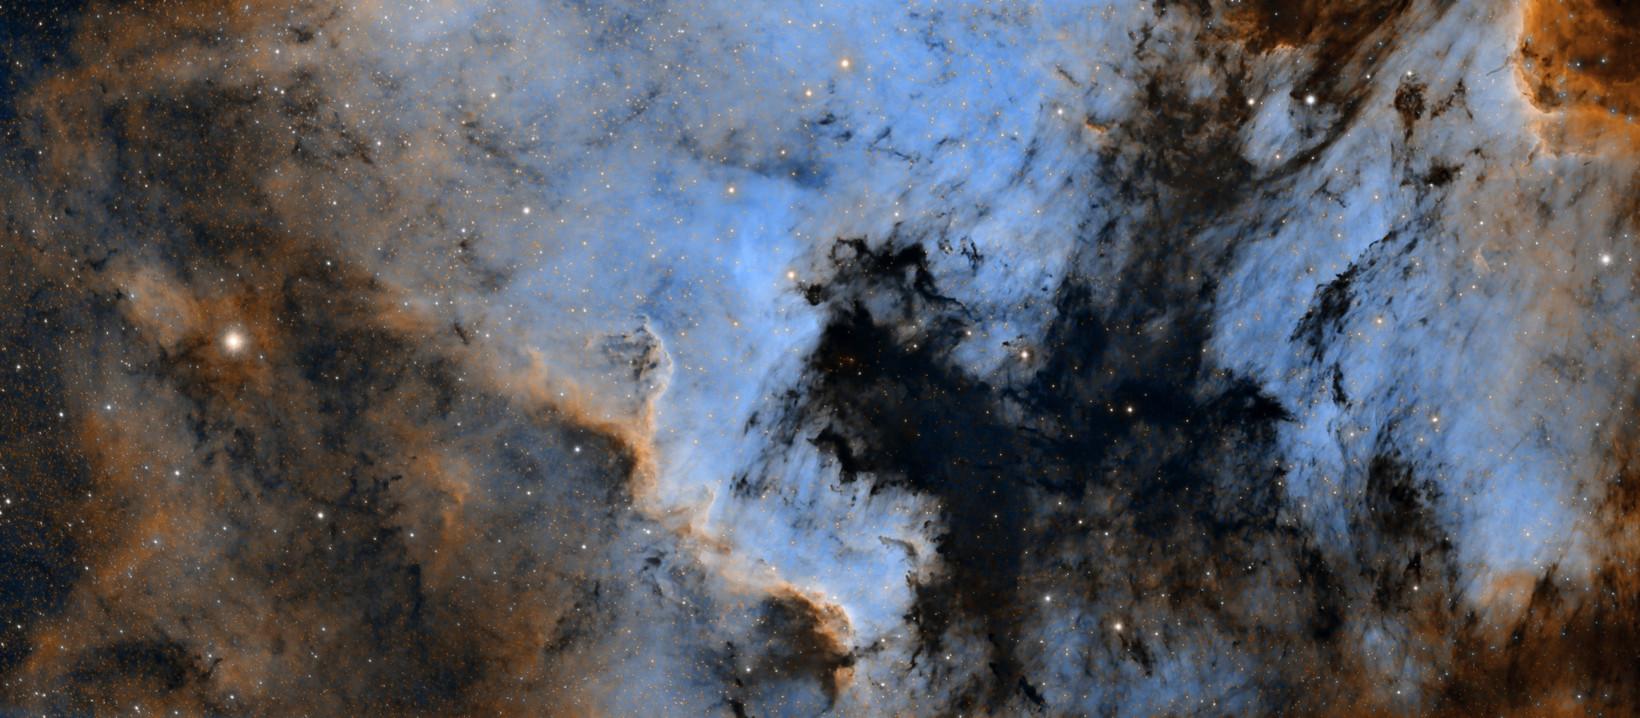 La nébuleuse nord-américaine NGC 7000 en bande étroite et haute résolution. Affiche disponible à l'achat.